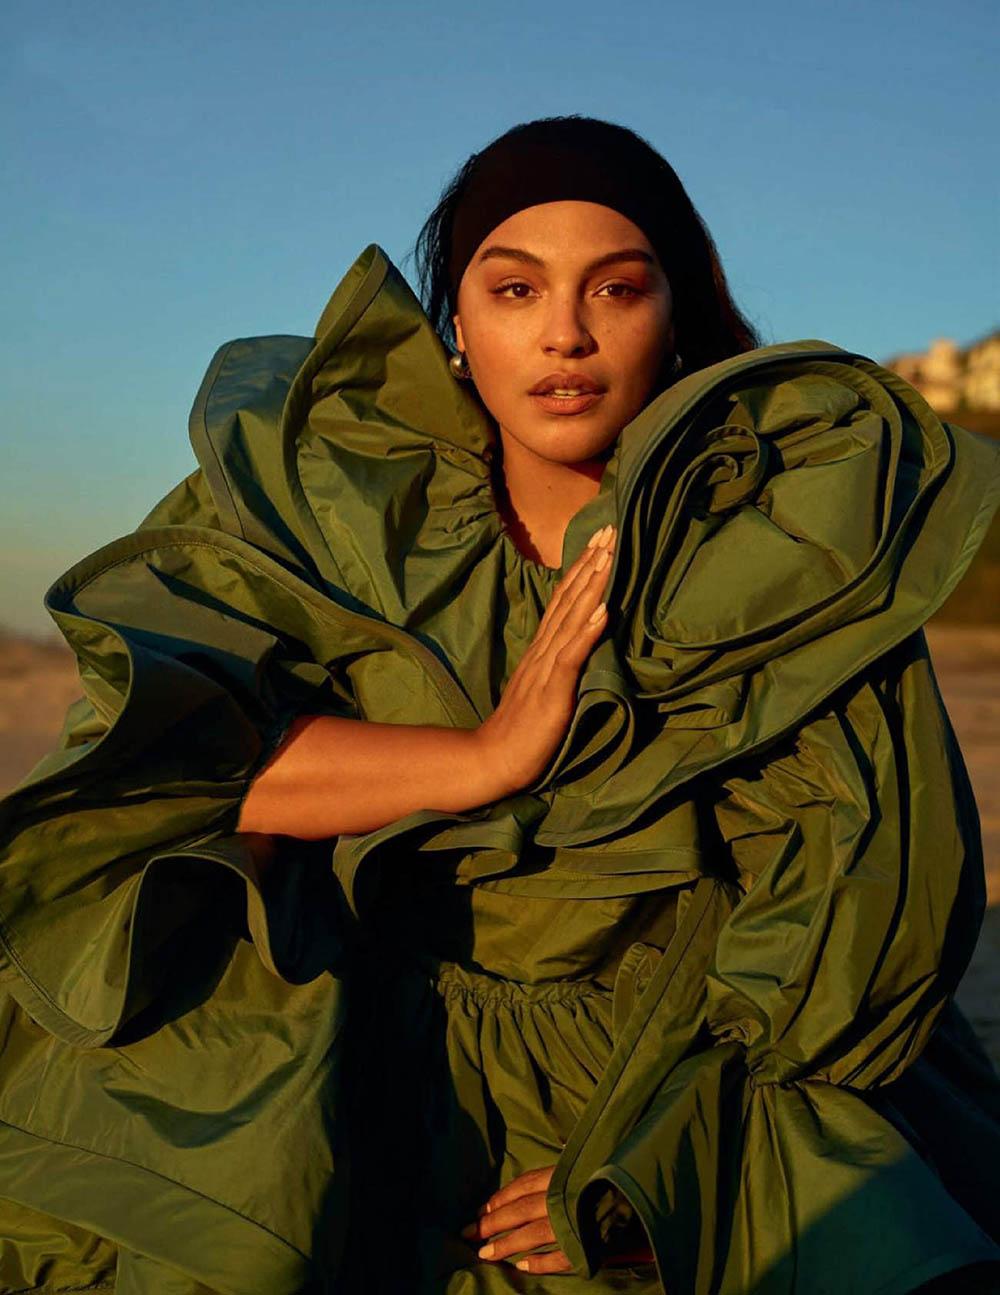 Paloma Elsesser by Thomas Whiteside for Vogue Spain June 2019